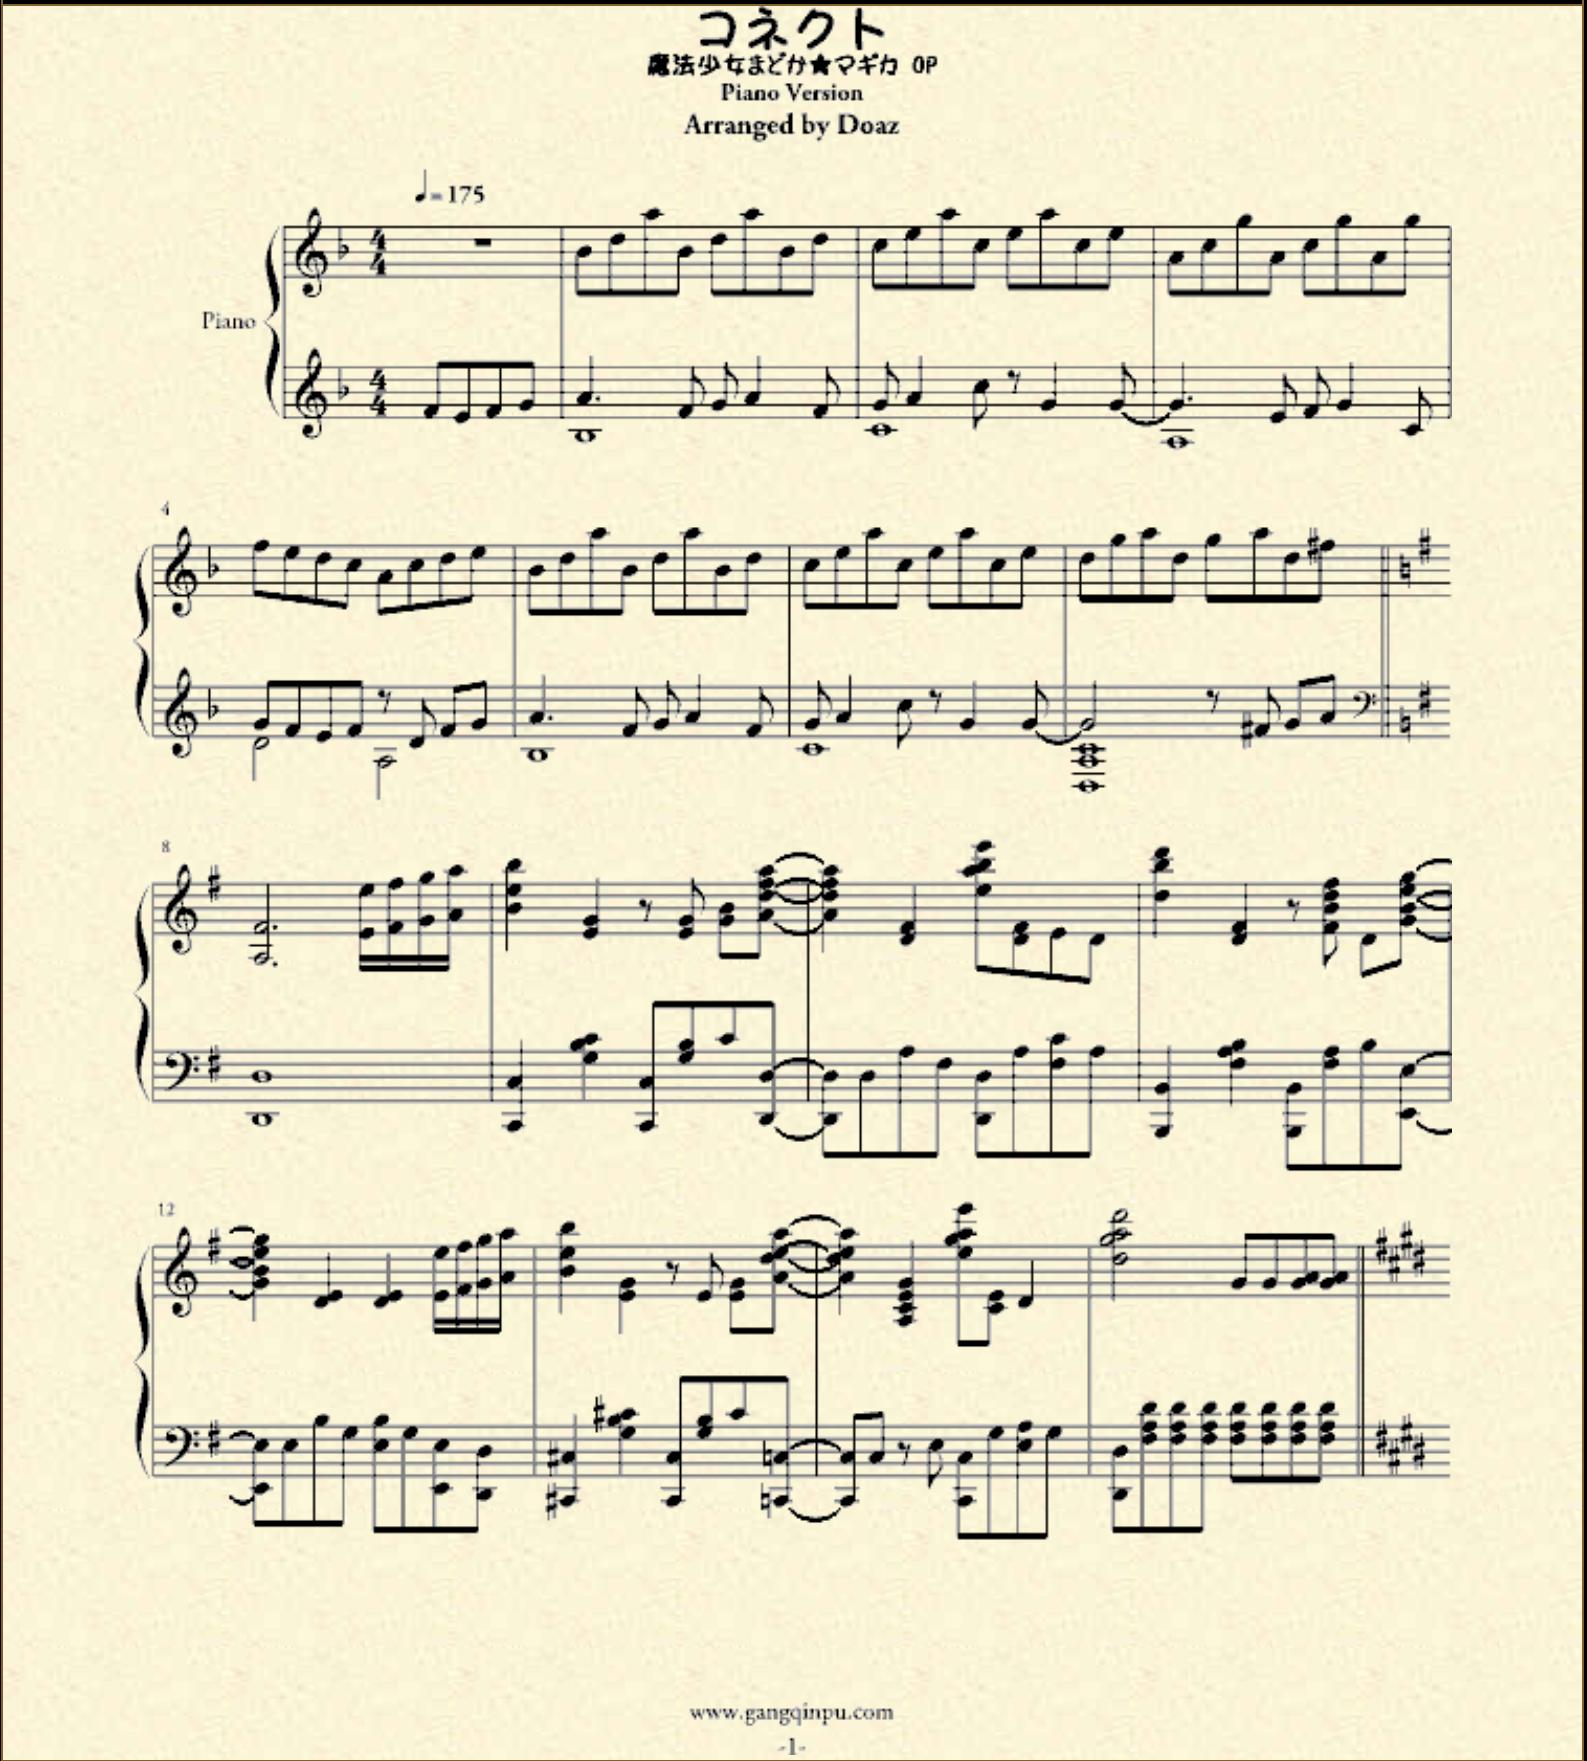 天空之城简单钢琴谱; 天空之城钢琴谱天空之城钢琴谱图片